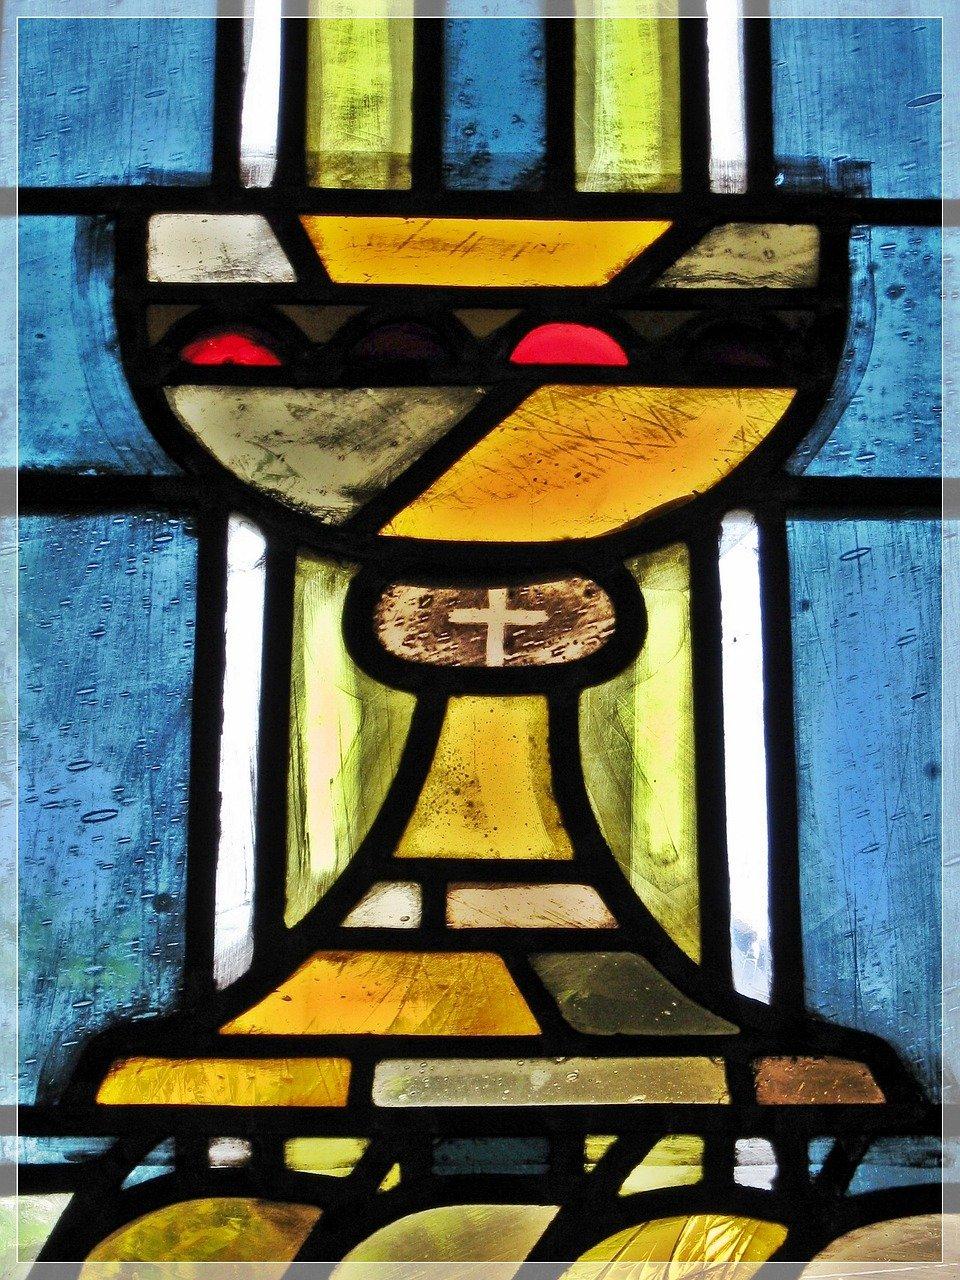 church window, confirmation, communion-2149824.jpg